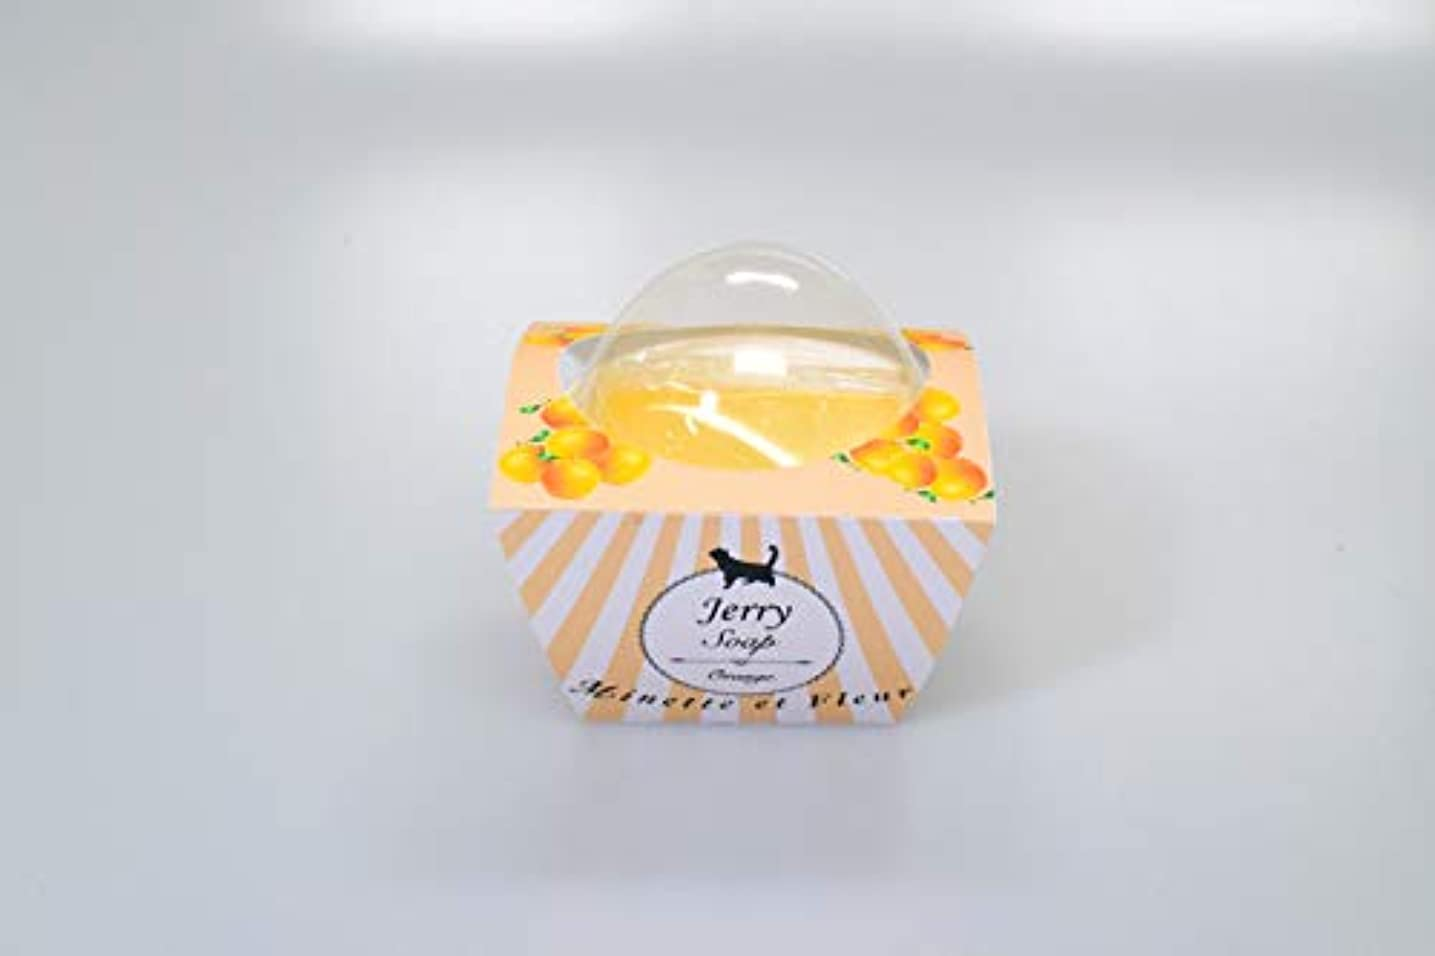 投票視力土砂降り【ミネット エ フルール】 オリジナルジェリーソープ オレンジ